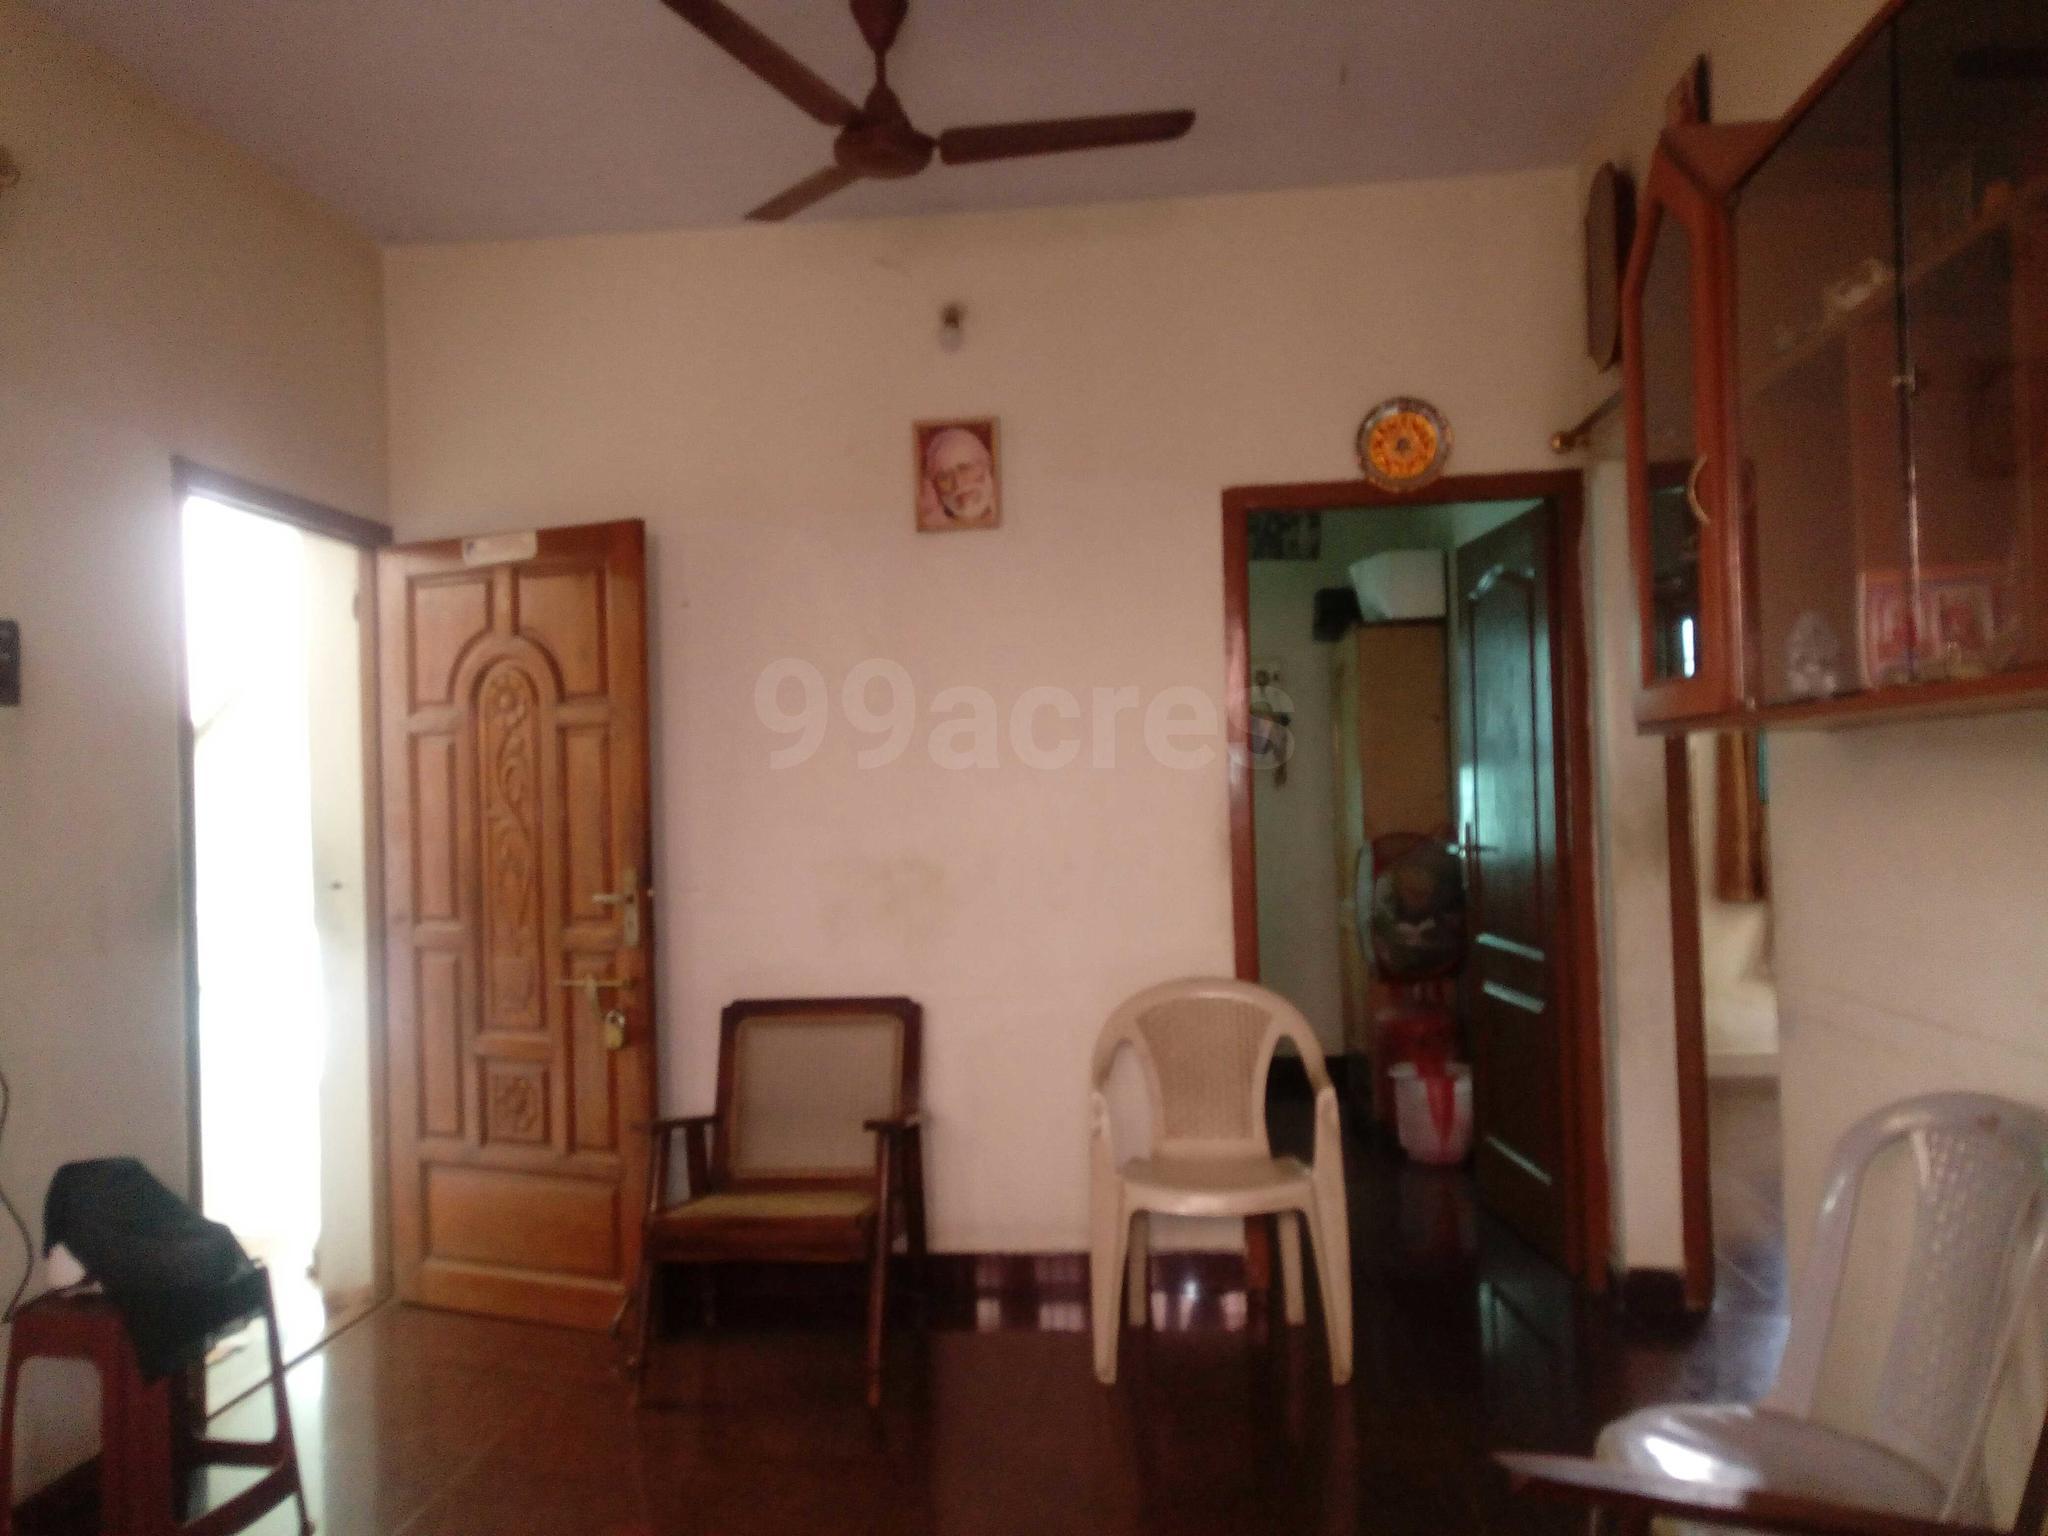 1559717168_banner_Palavanthangal.jpeg